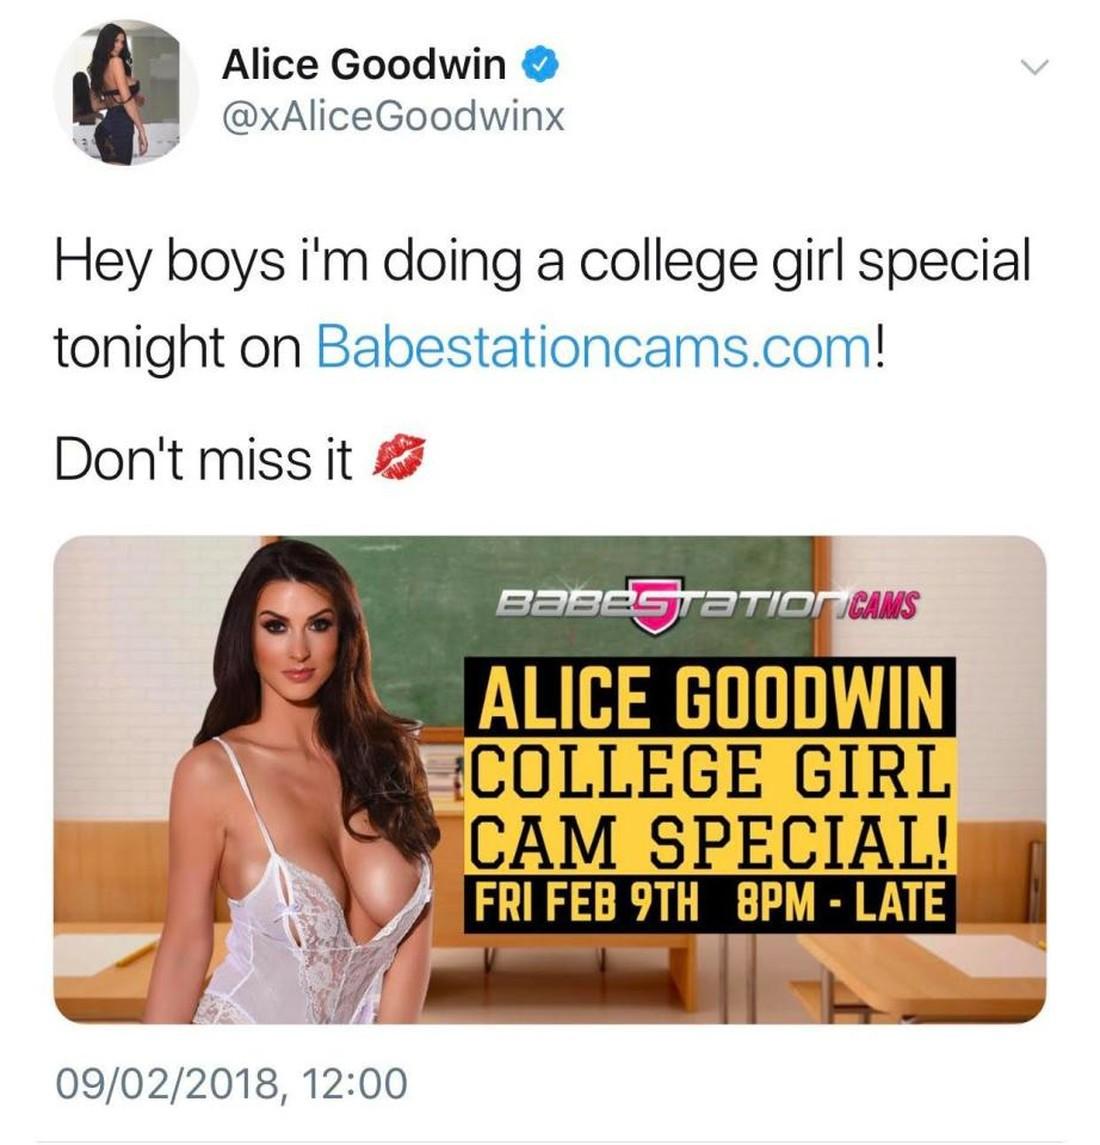 Элис Гудвин снимает видео сексуального характера